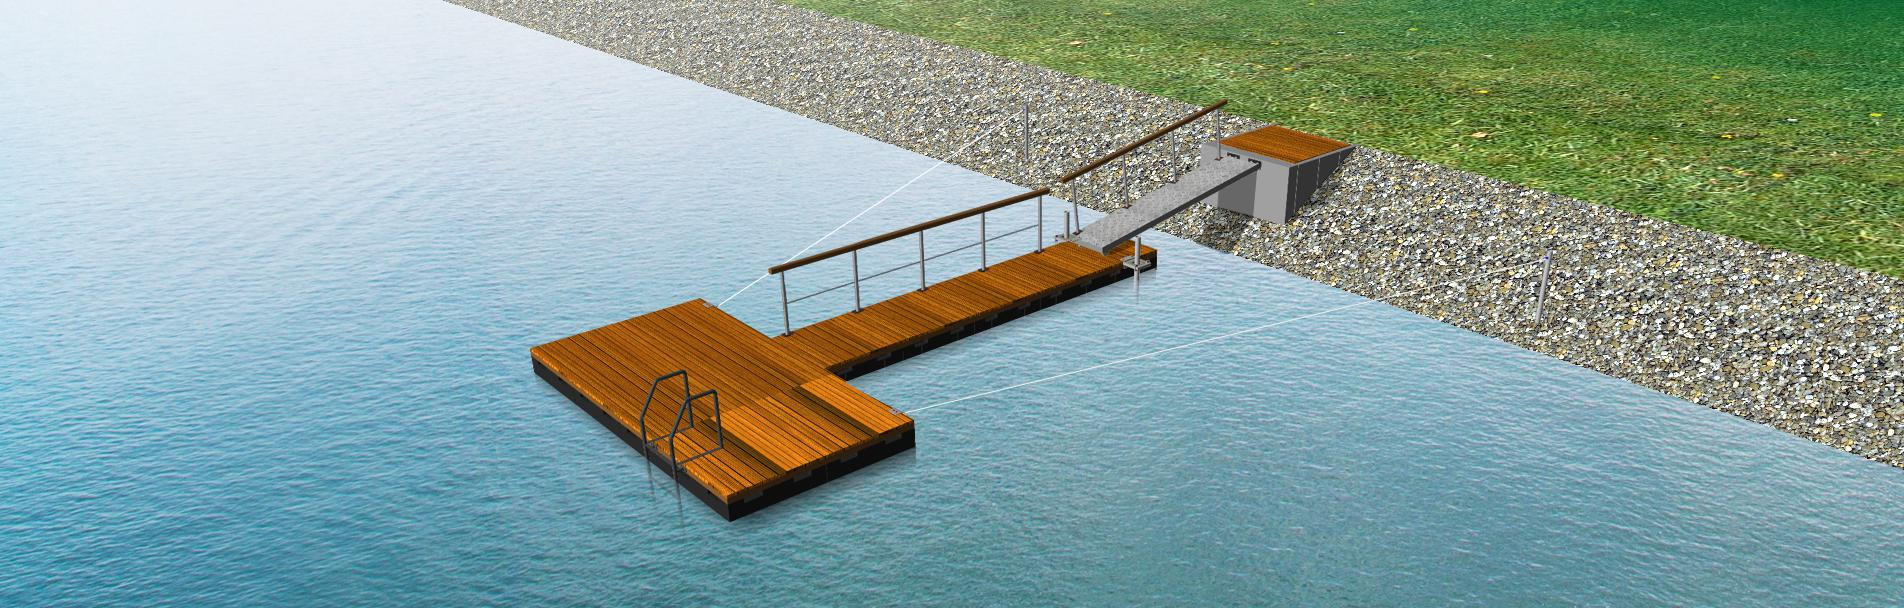 Schwimmsteg & Schwimmplattform Bausatz